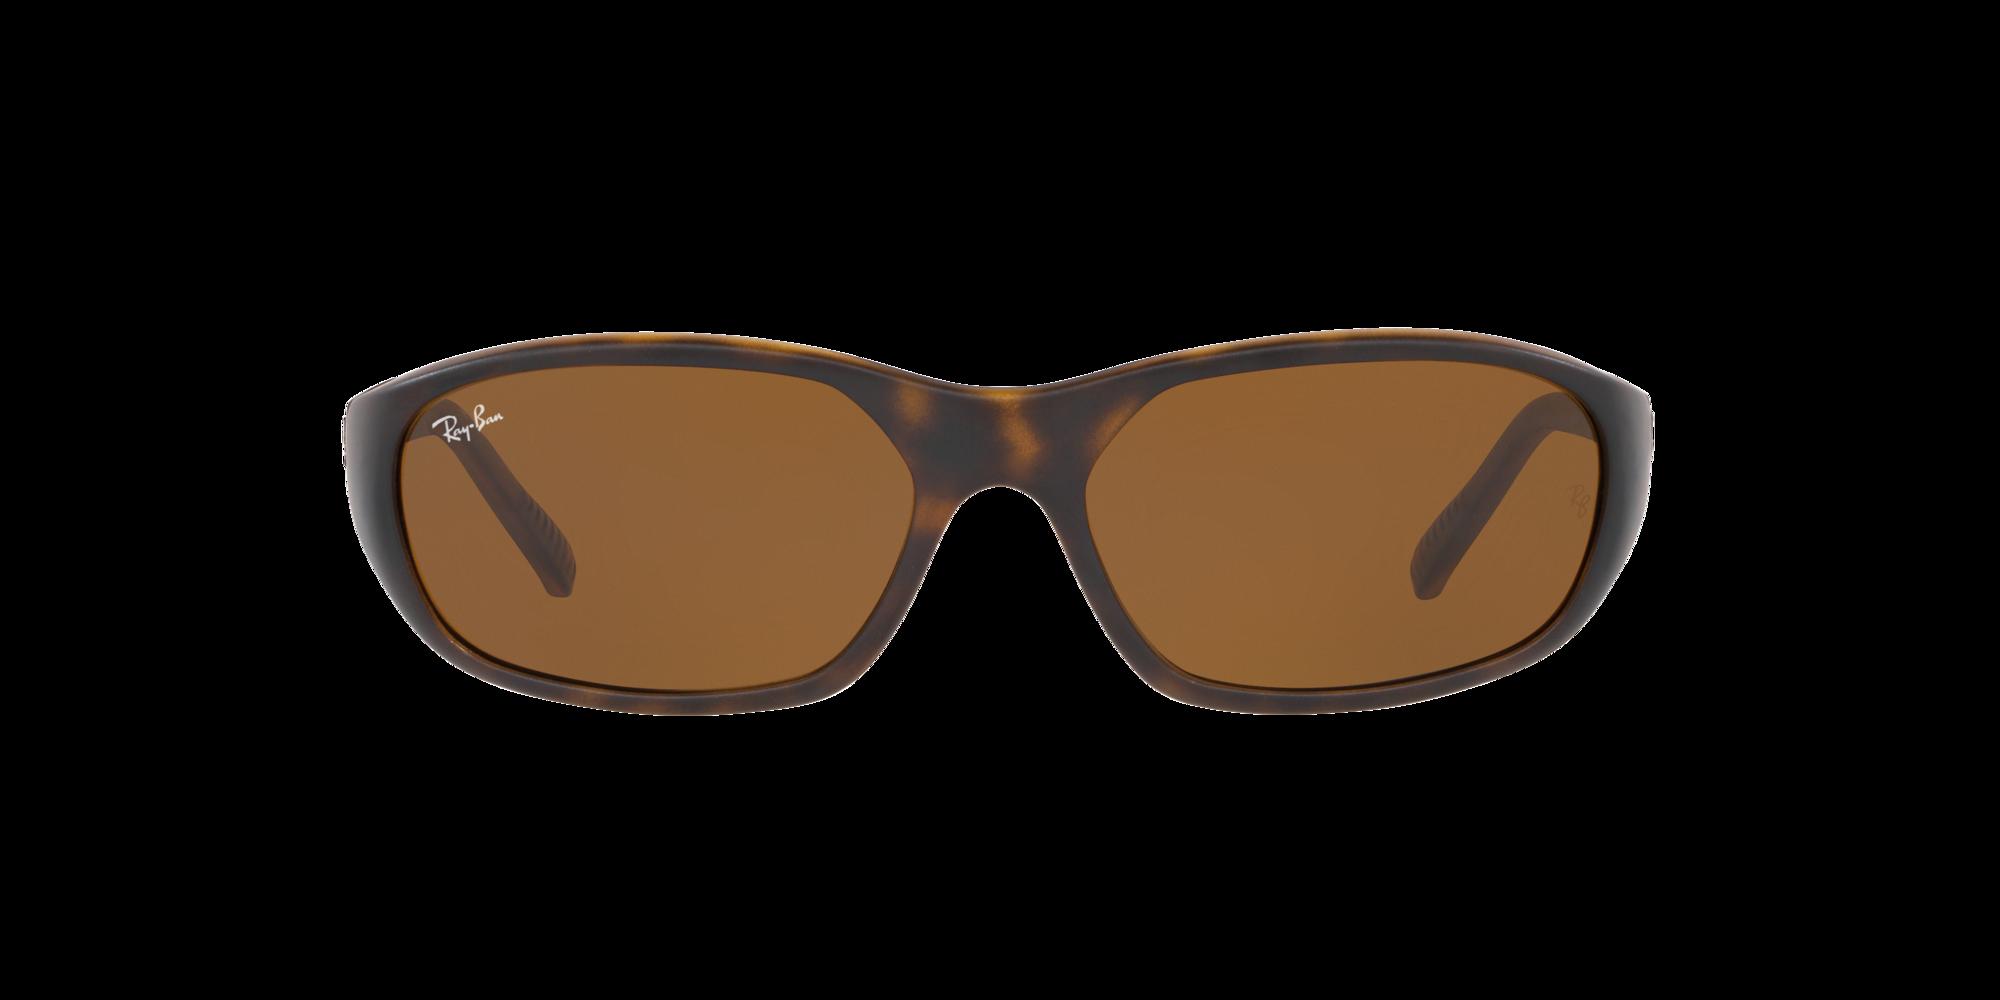 Imagen para RB2016 de LensCrafters |  Espejuelos, espejuelos graduados en línea, gafas